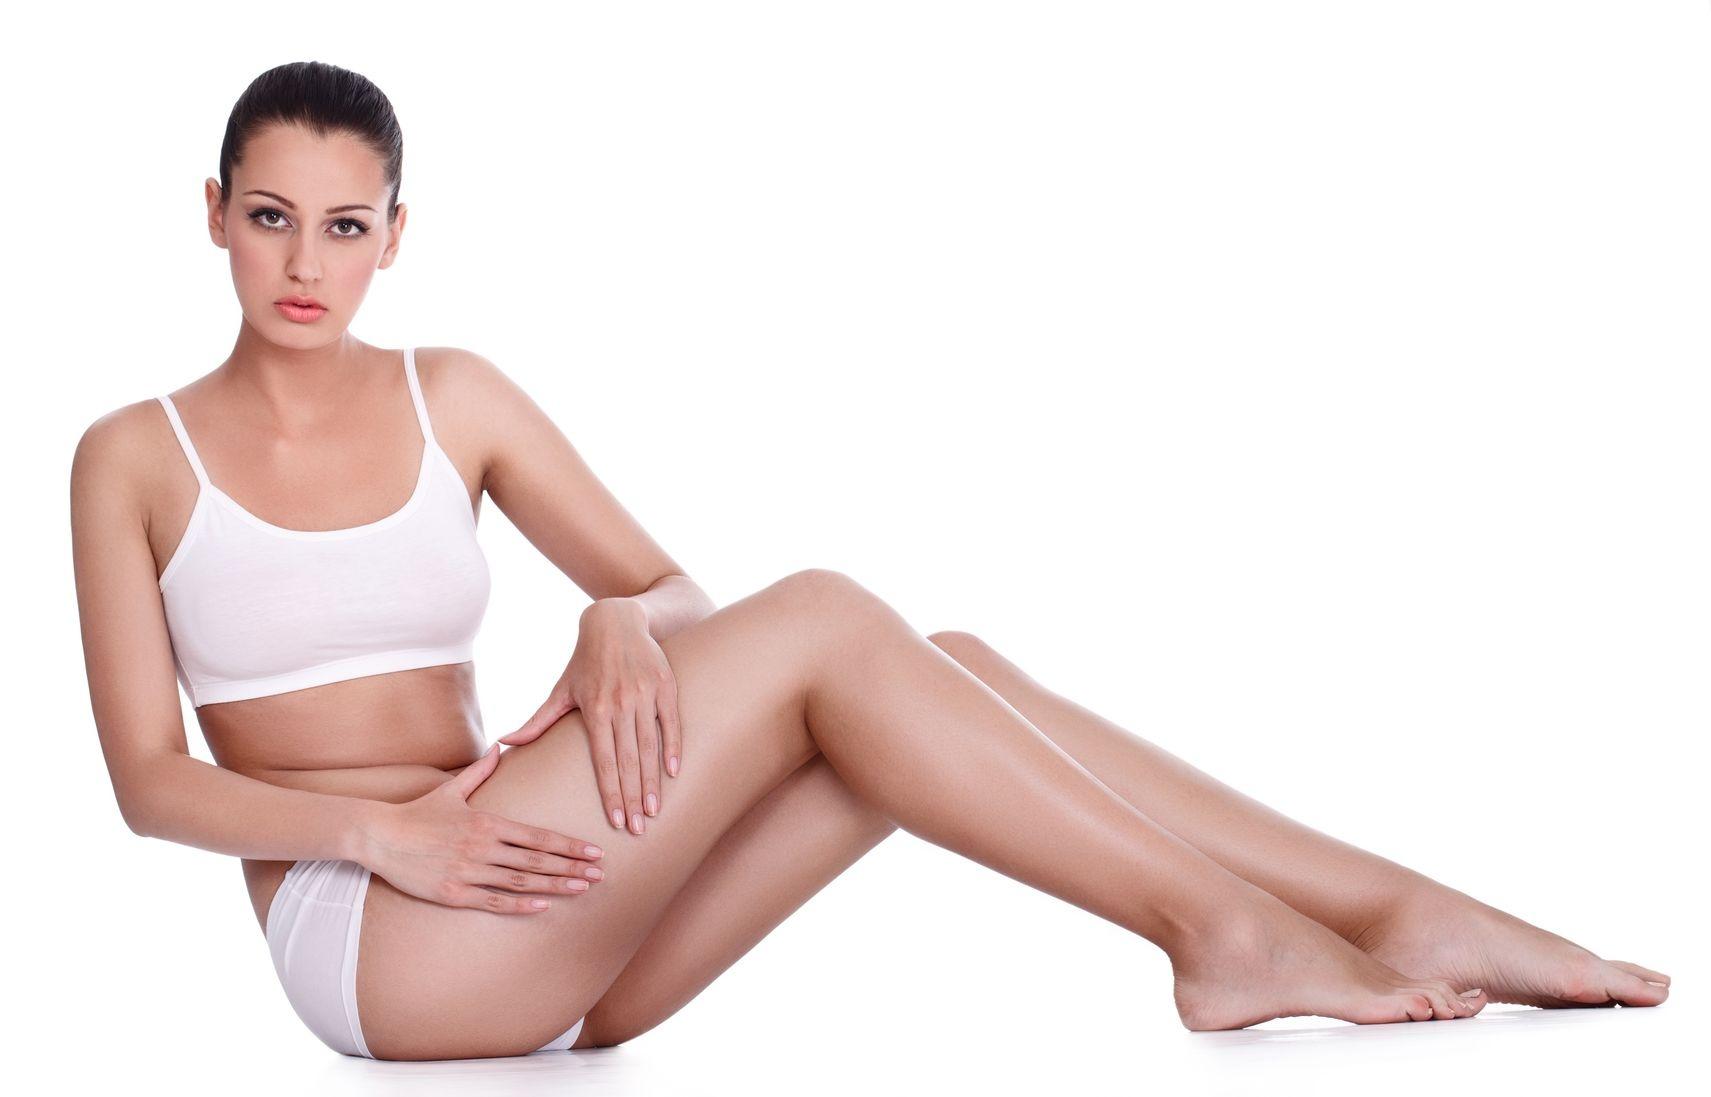 Soffri Di Cellulite Localizzata Sulle Gambe Ecco Come Puoi Sbarazzartene Anche Tu Una Volta Per Tutte Celluliteblog Il Metodo Medico Per Sconfiggere La Cellulite